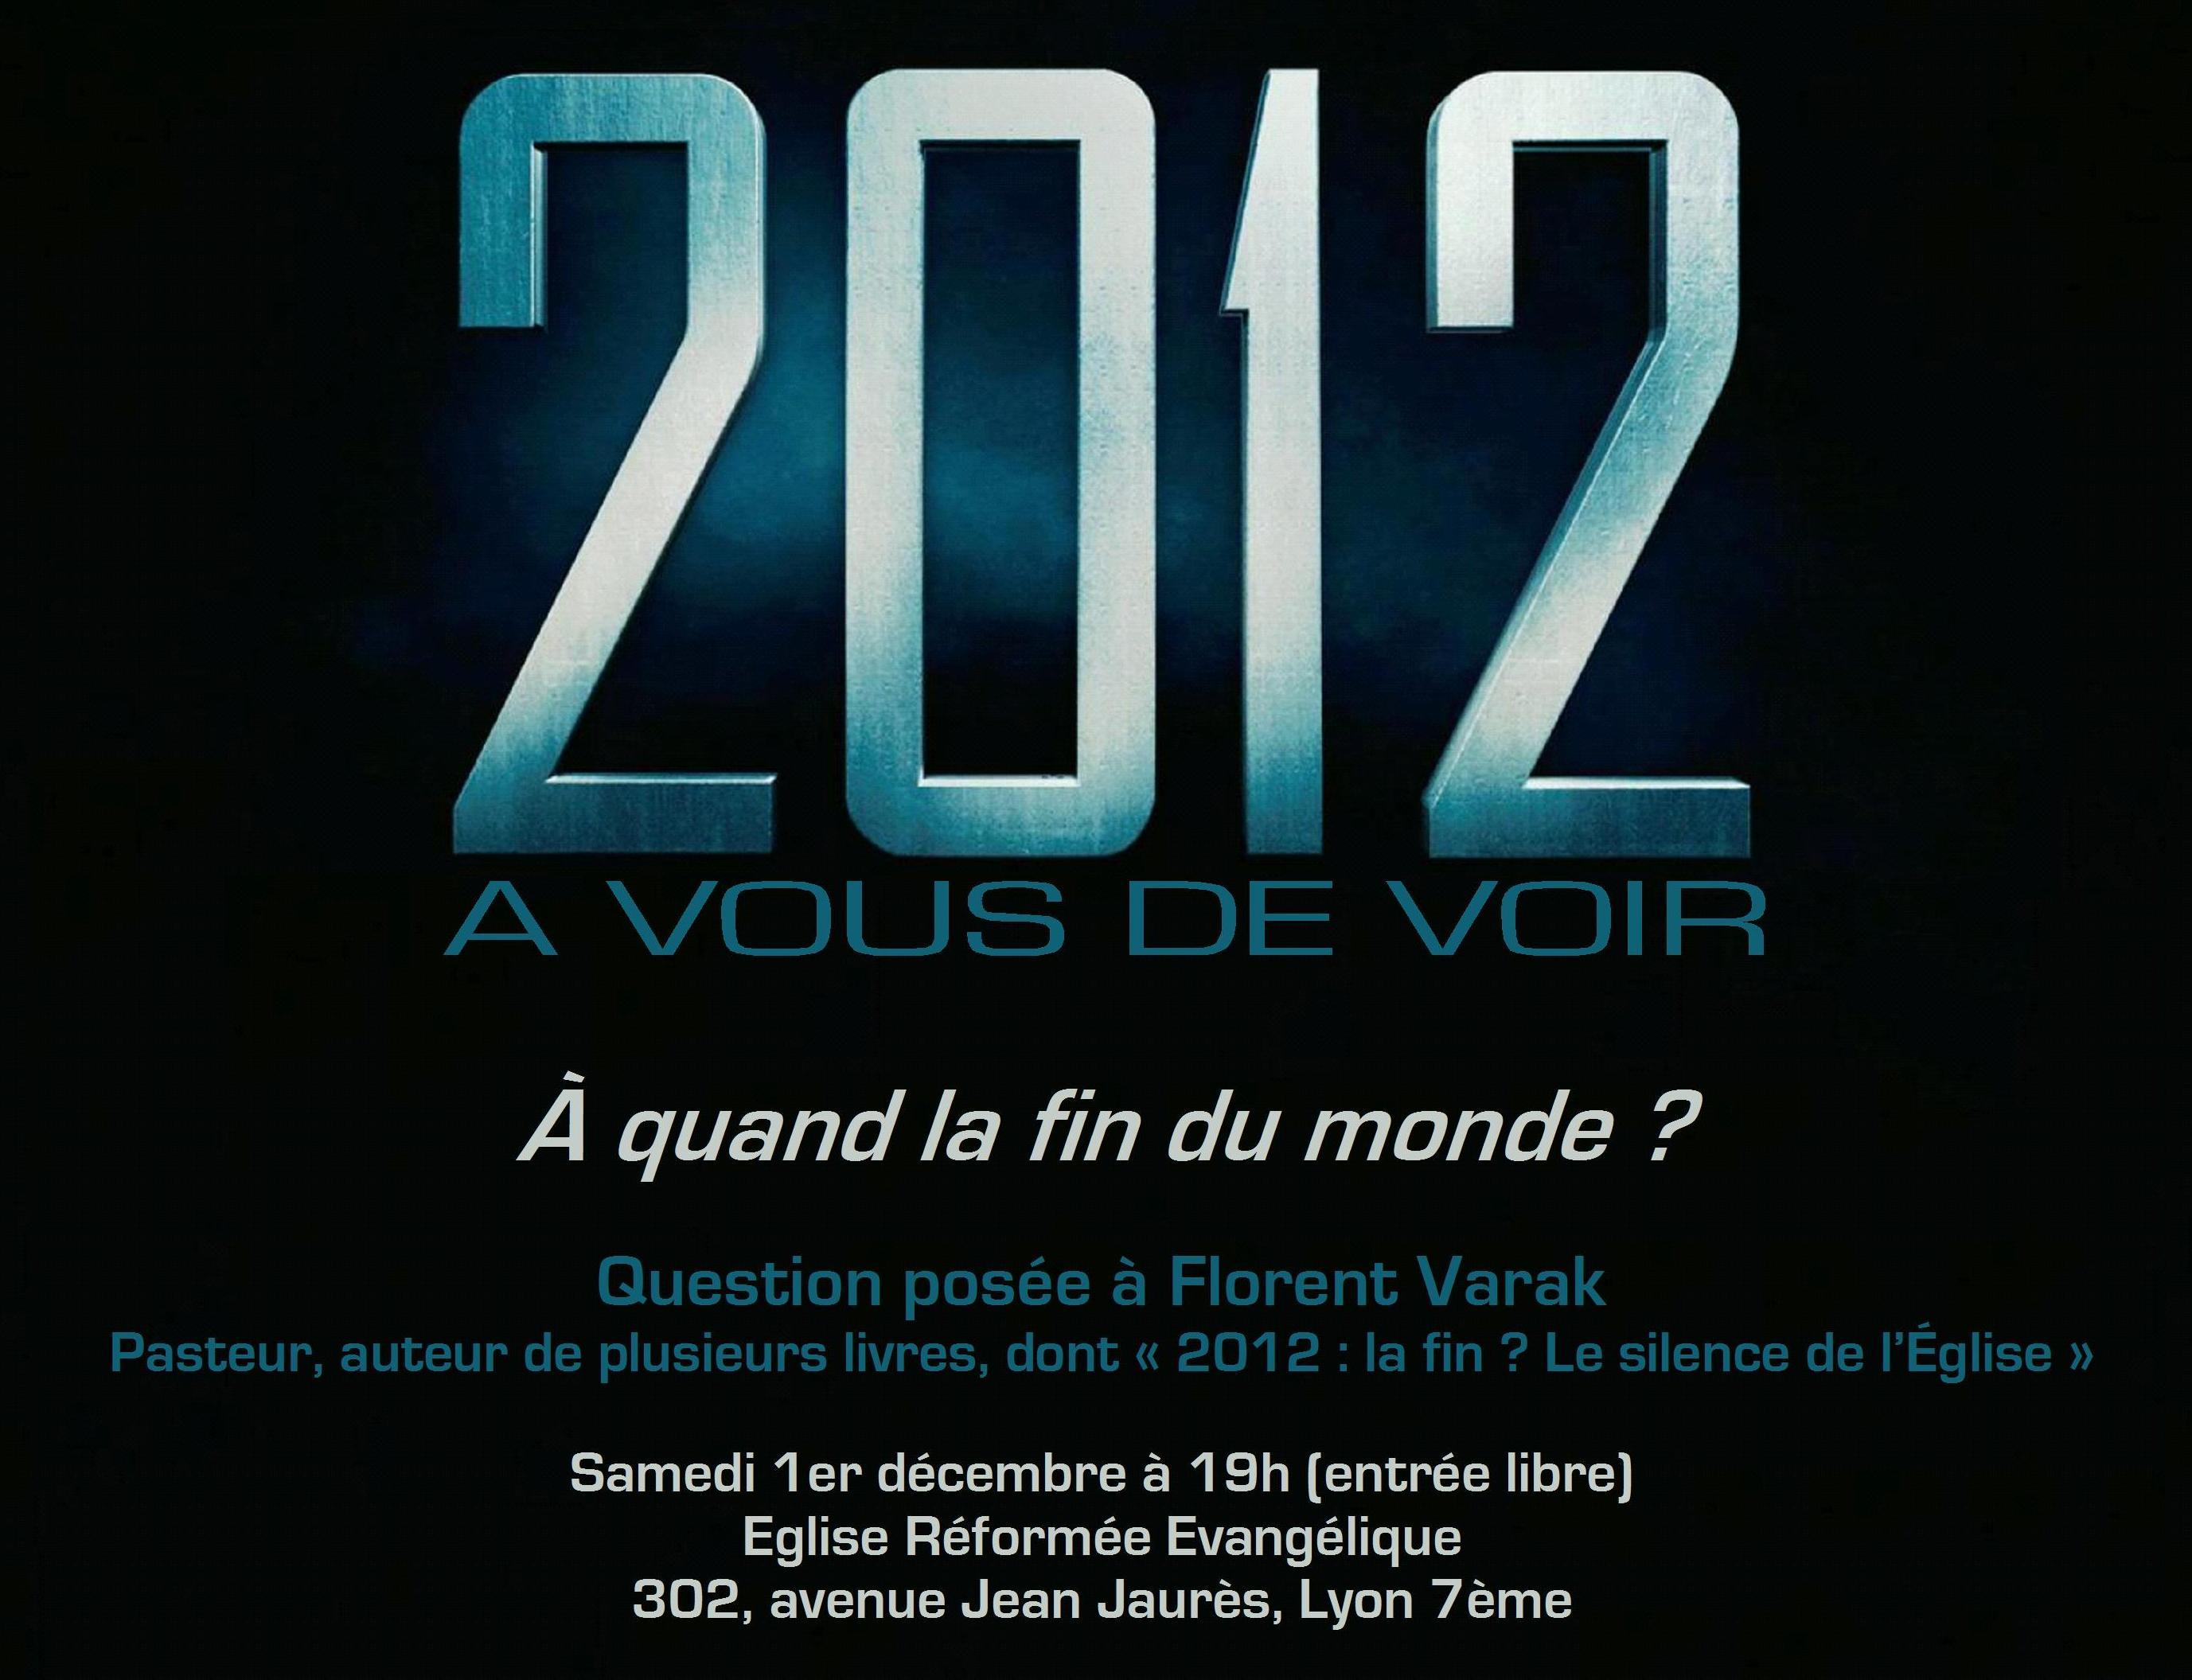 2012_A_vous_de_voir.JPG